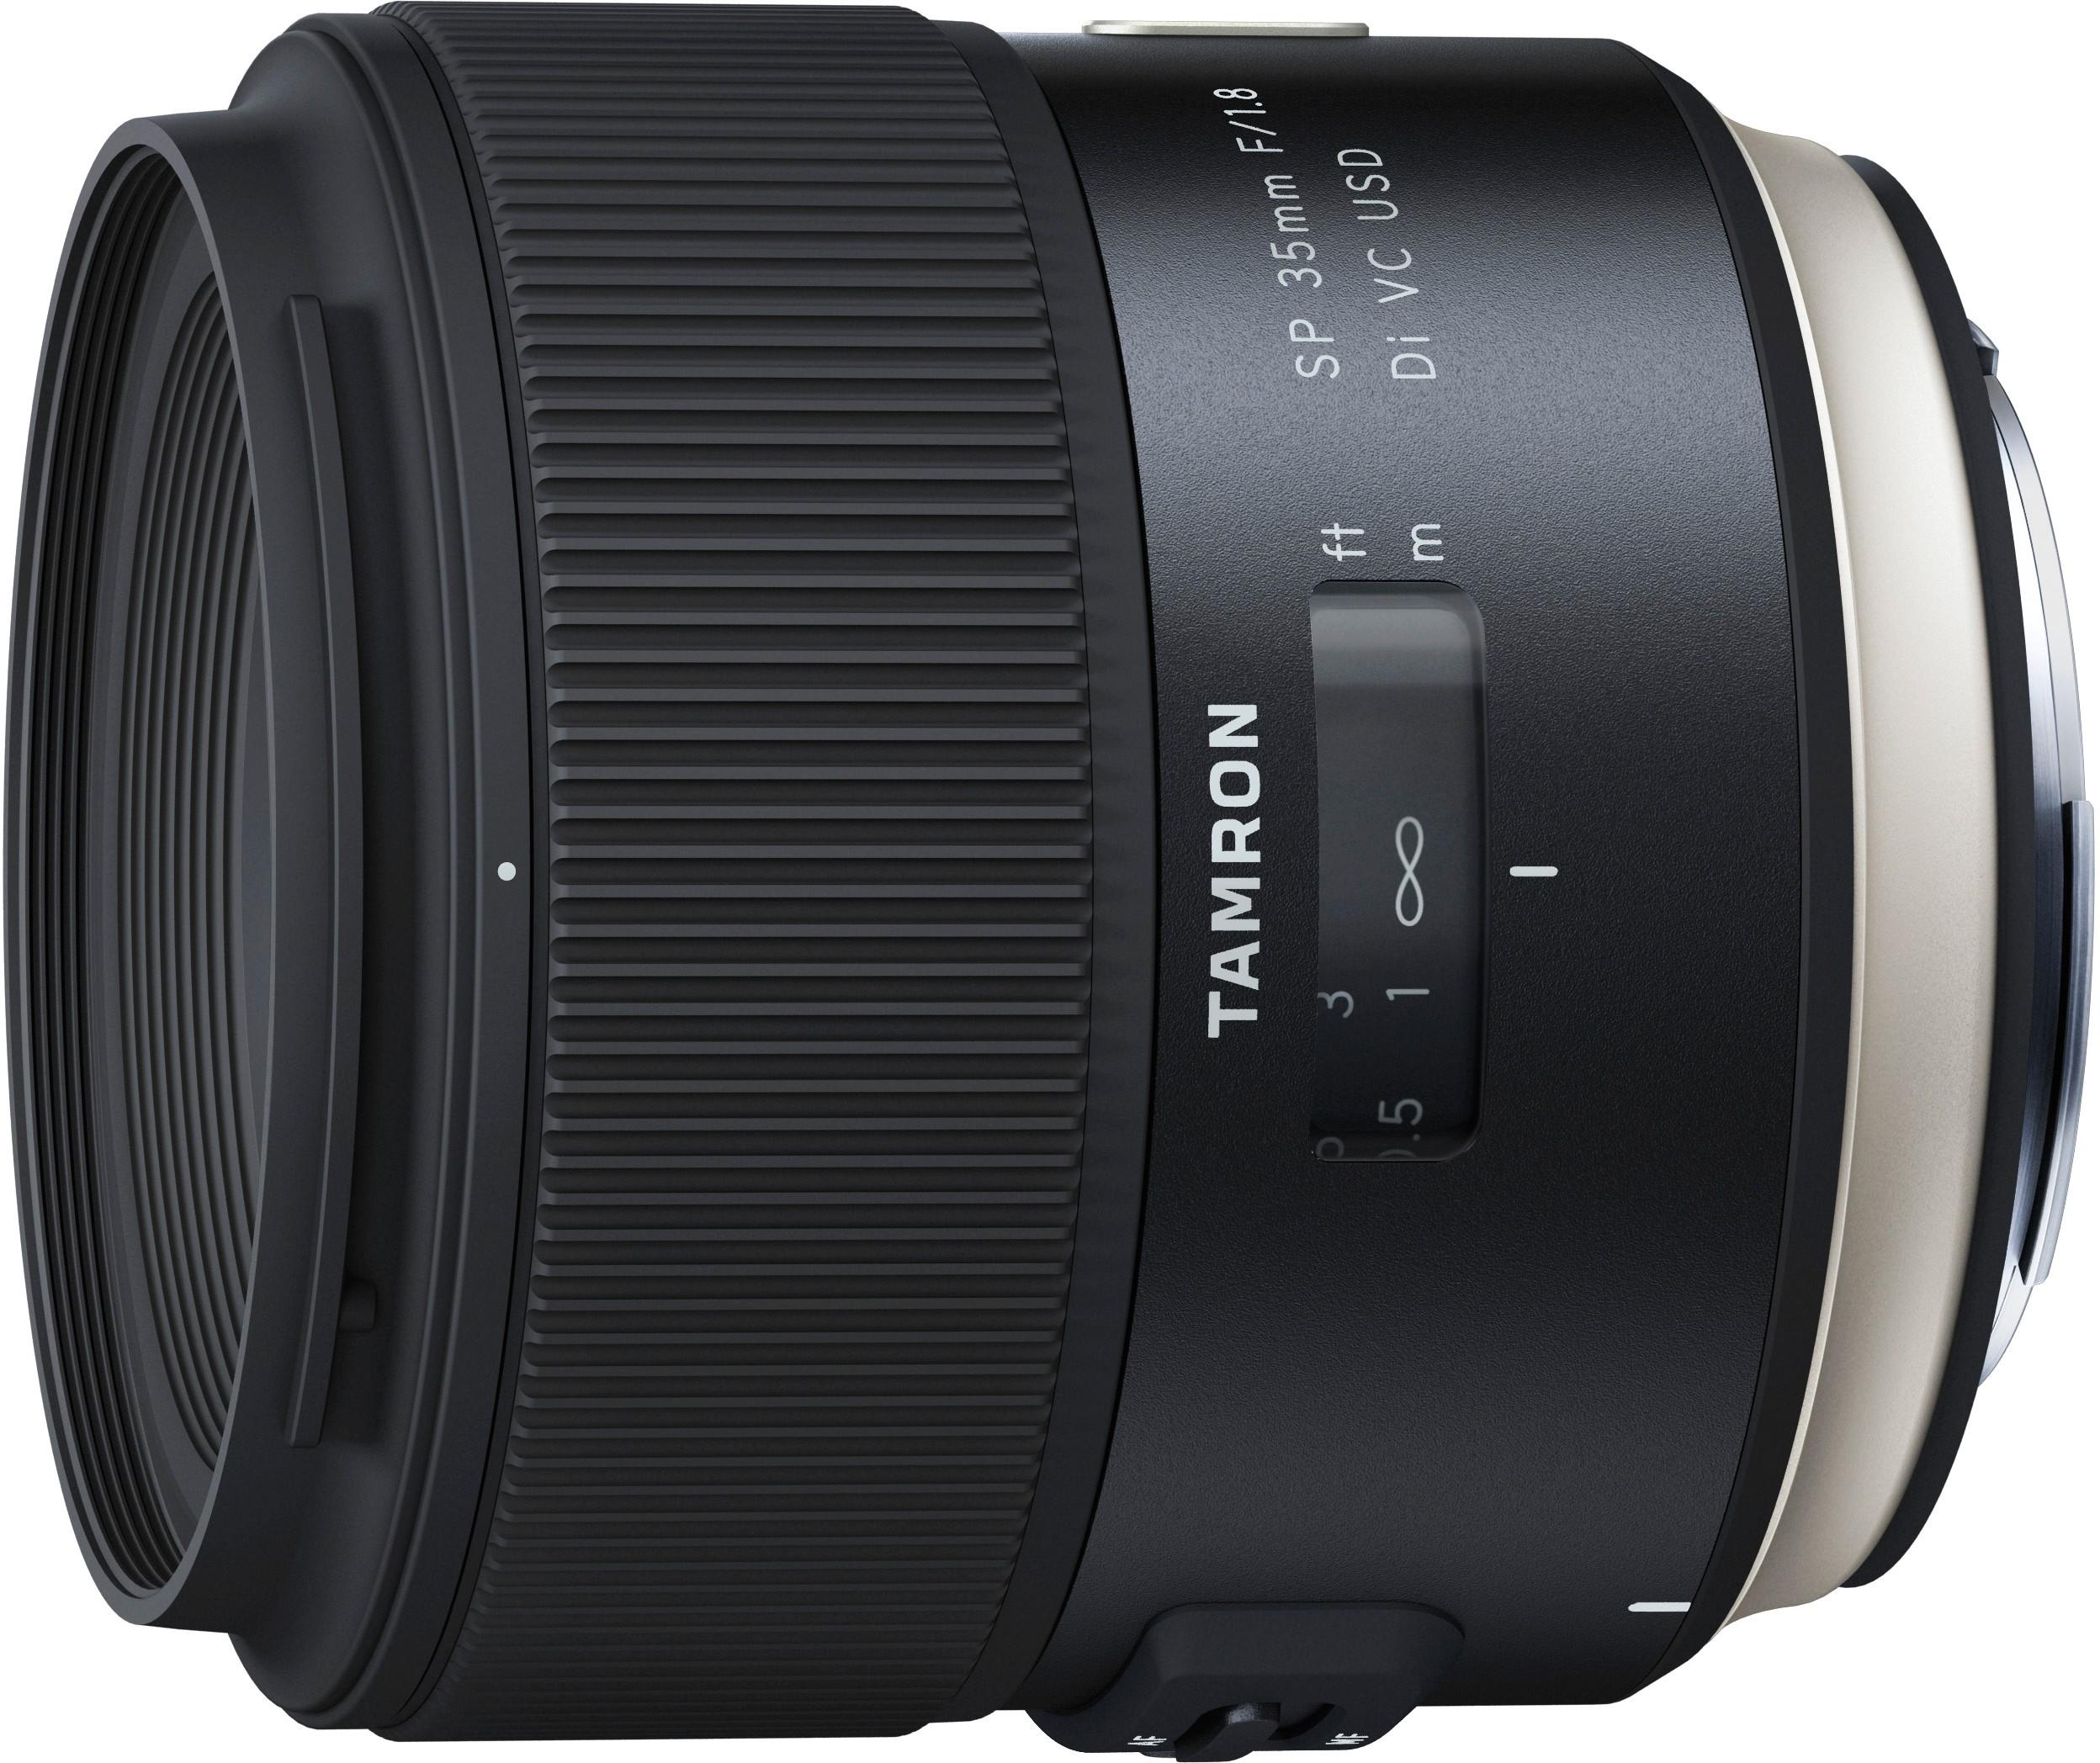 Tamron SP 35mm f/1.8 Di VC USD objektiiv..